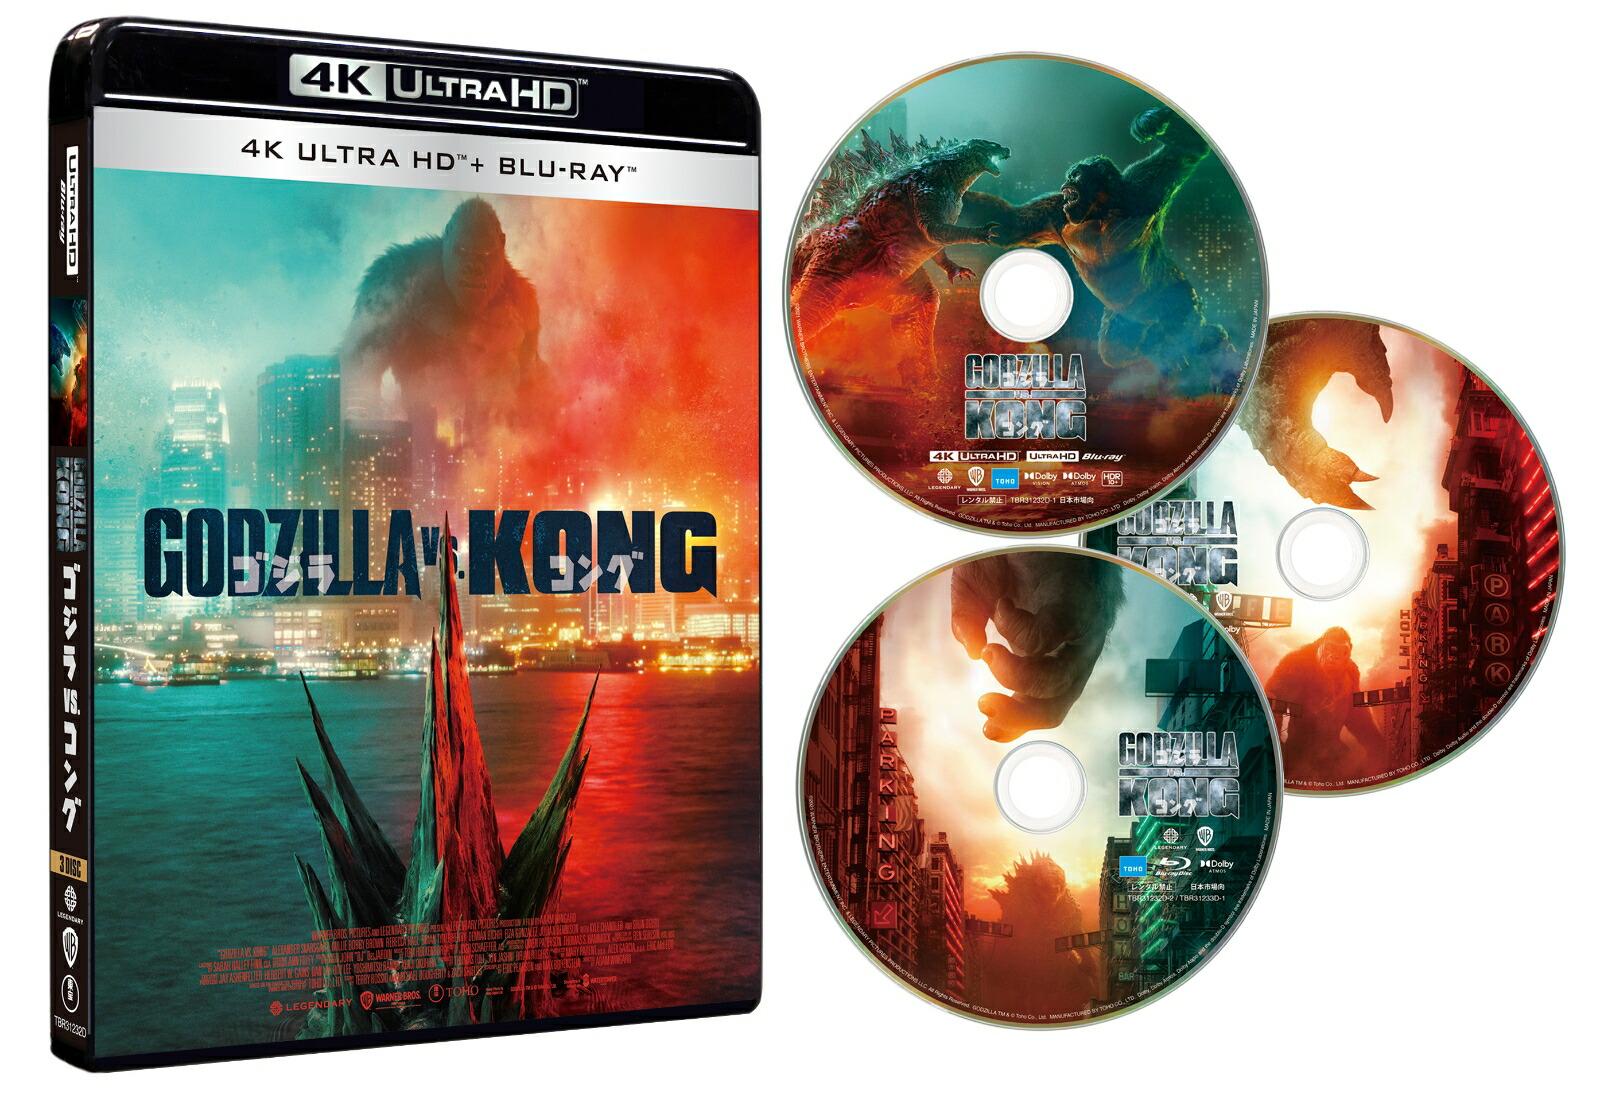 ゴジラvsコング 4K UHD Blu-ray3枚組【4K ULTRA HD】